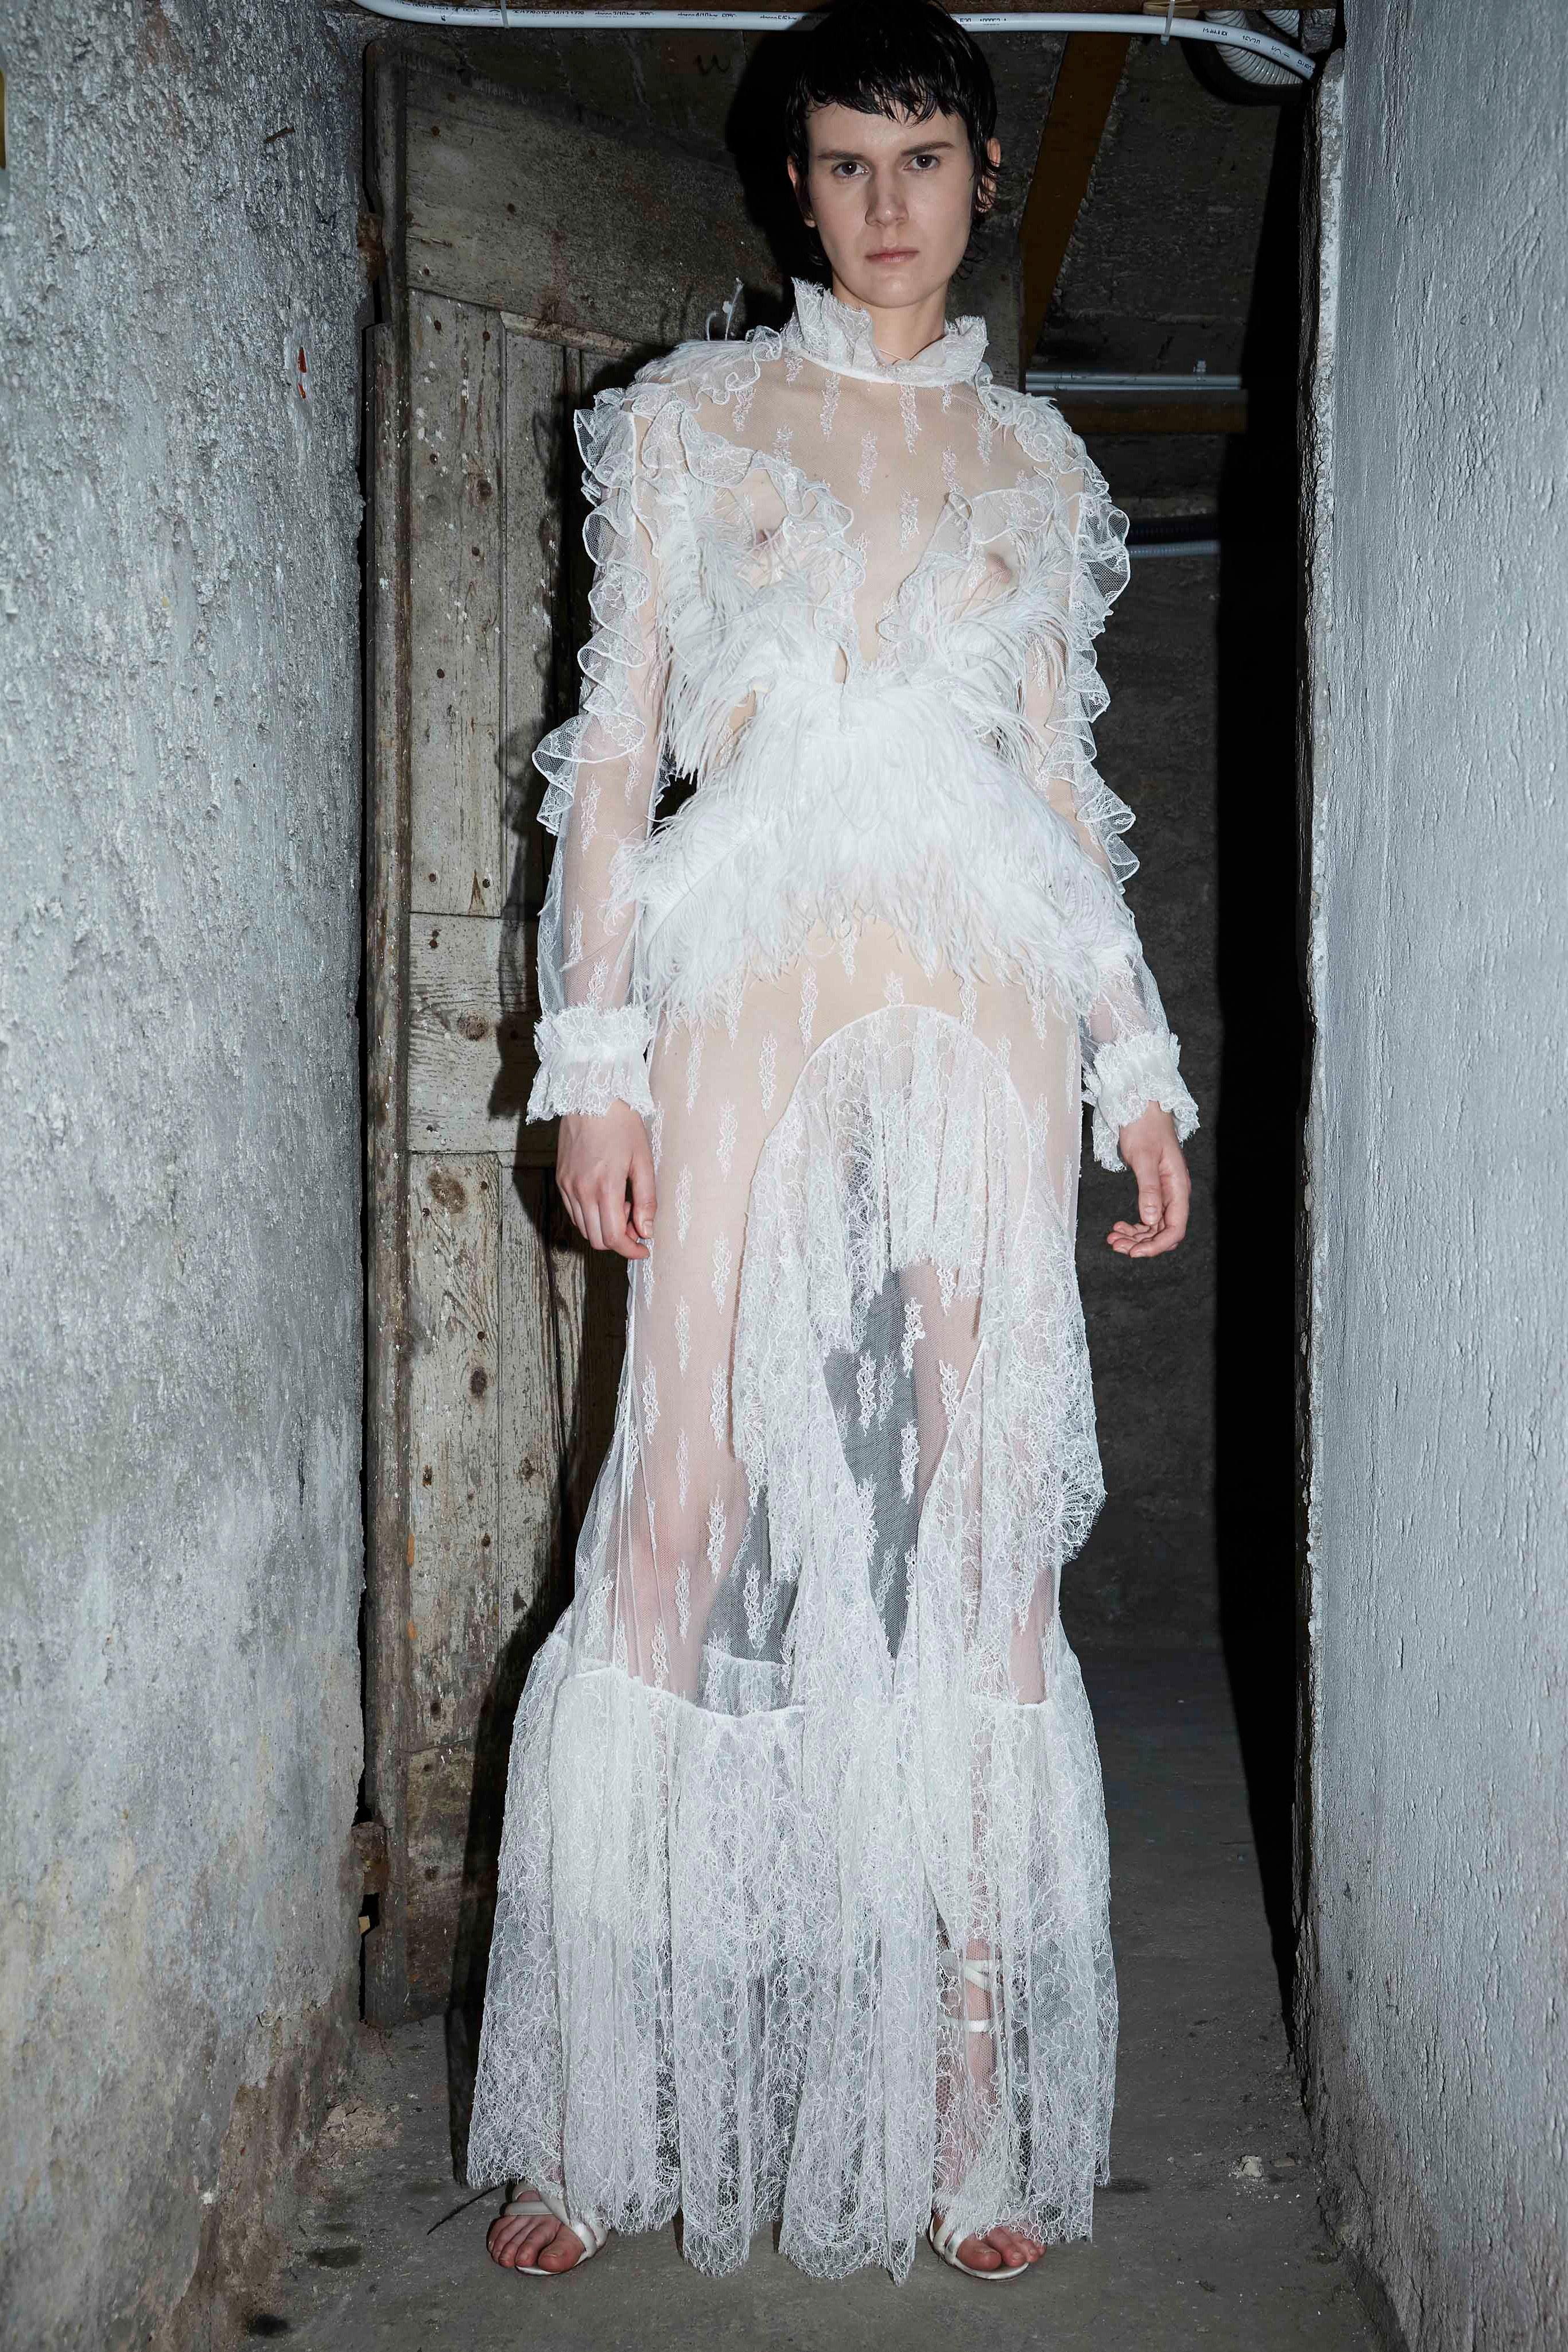 00001-Maison-Francisco-Scognamiglio-Couture-Fall-2019